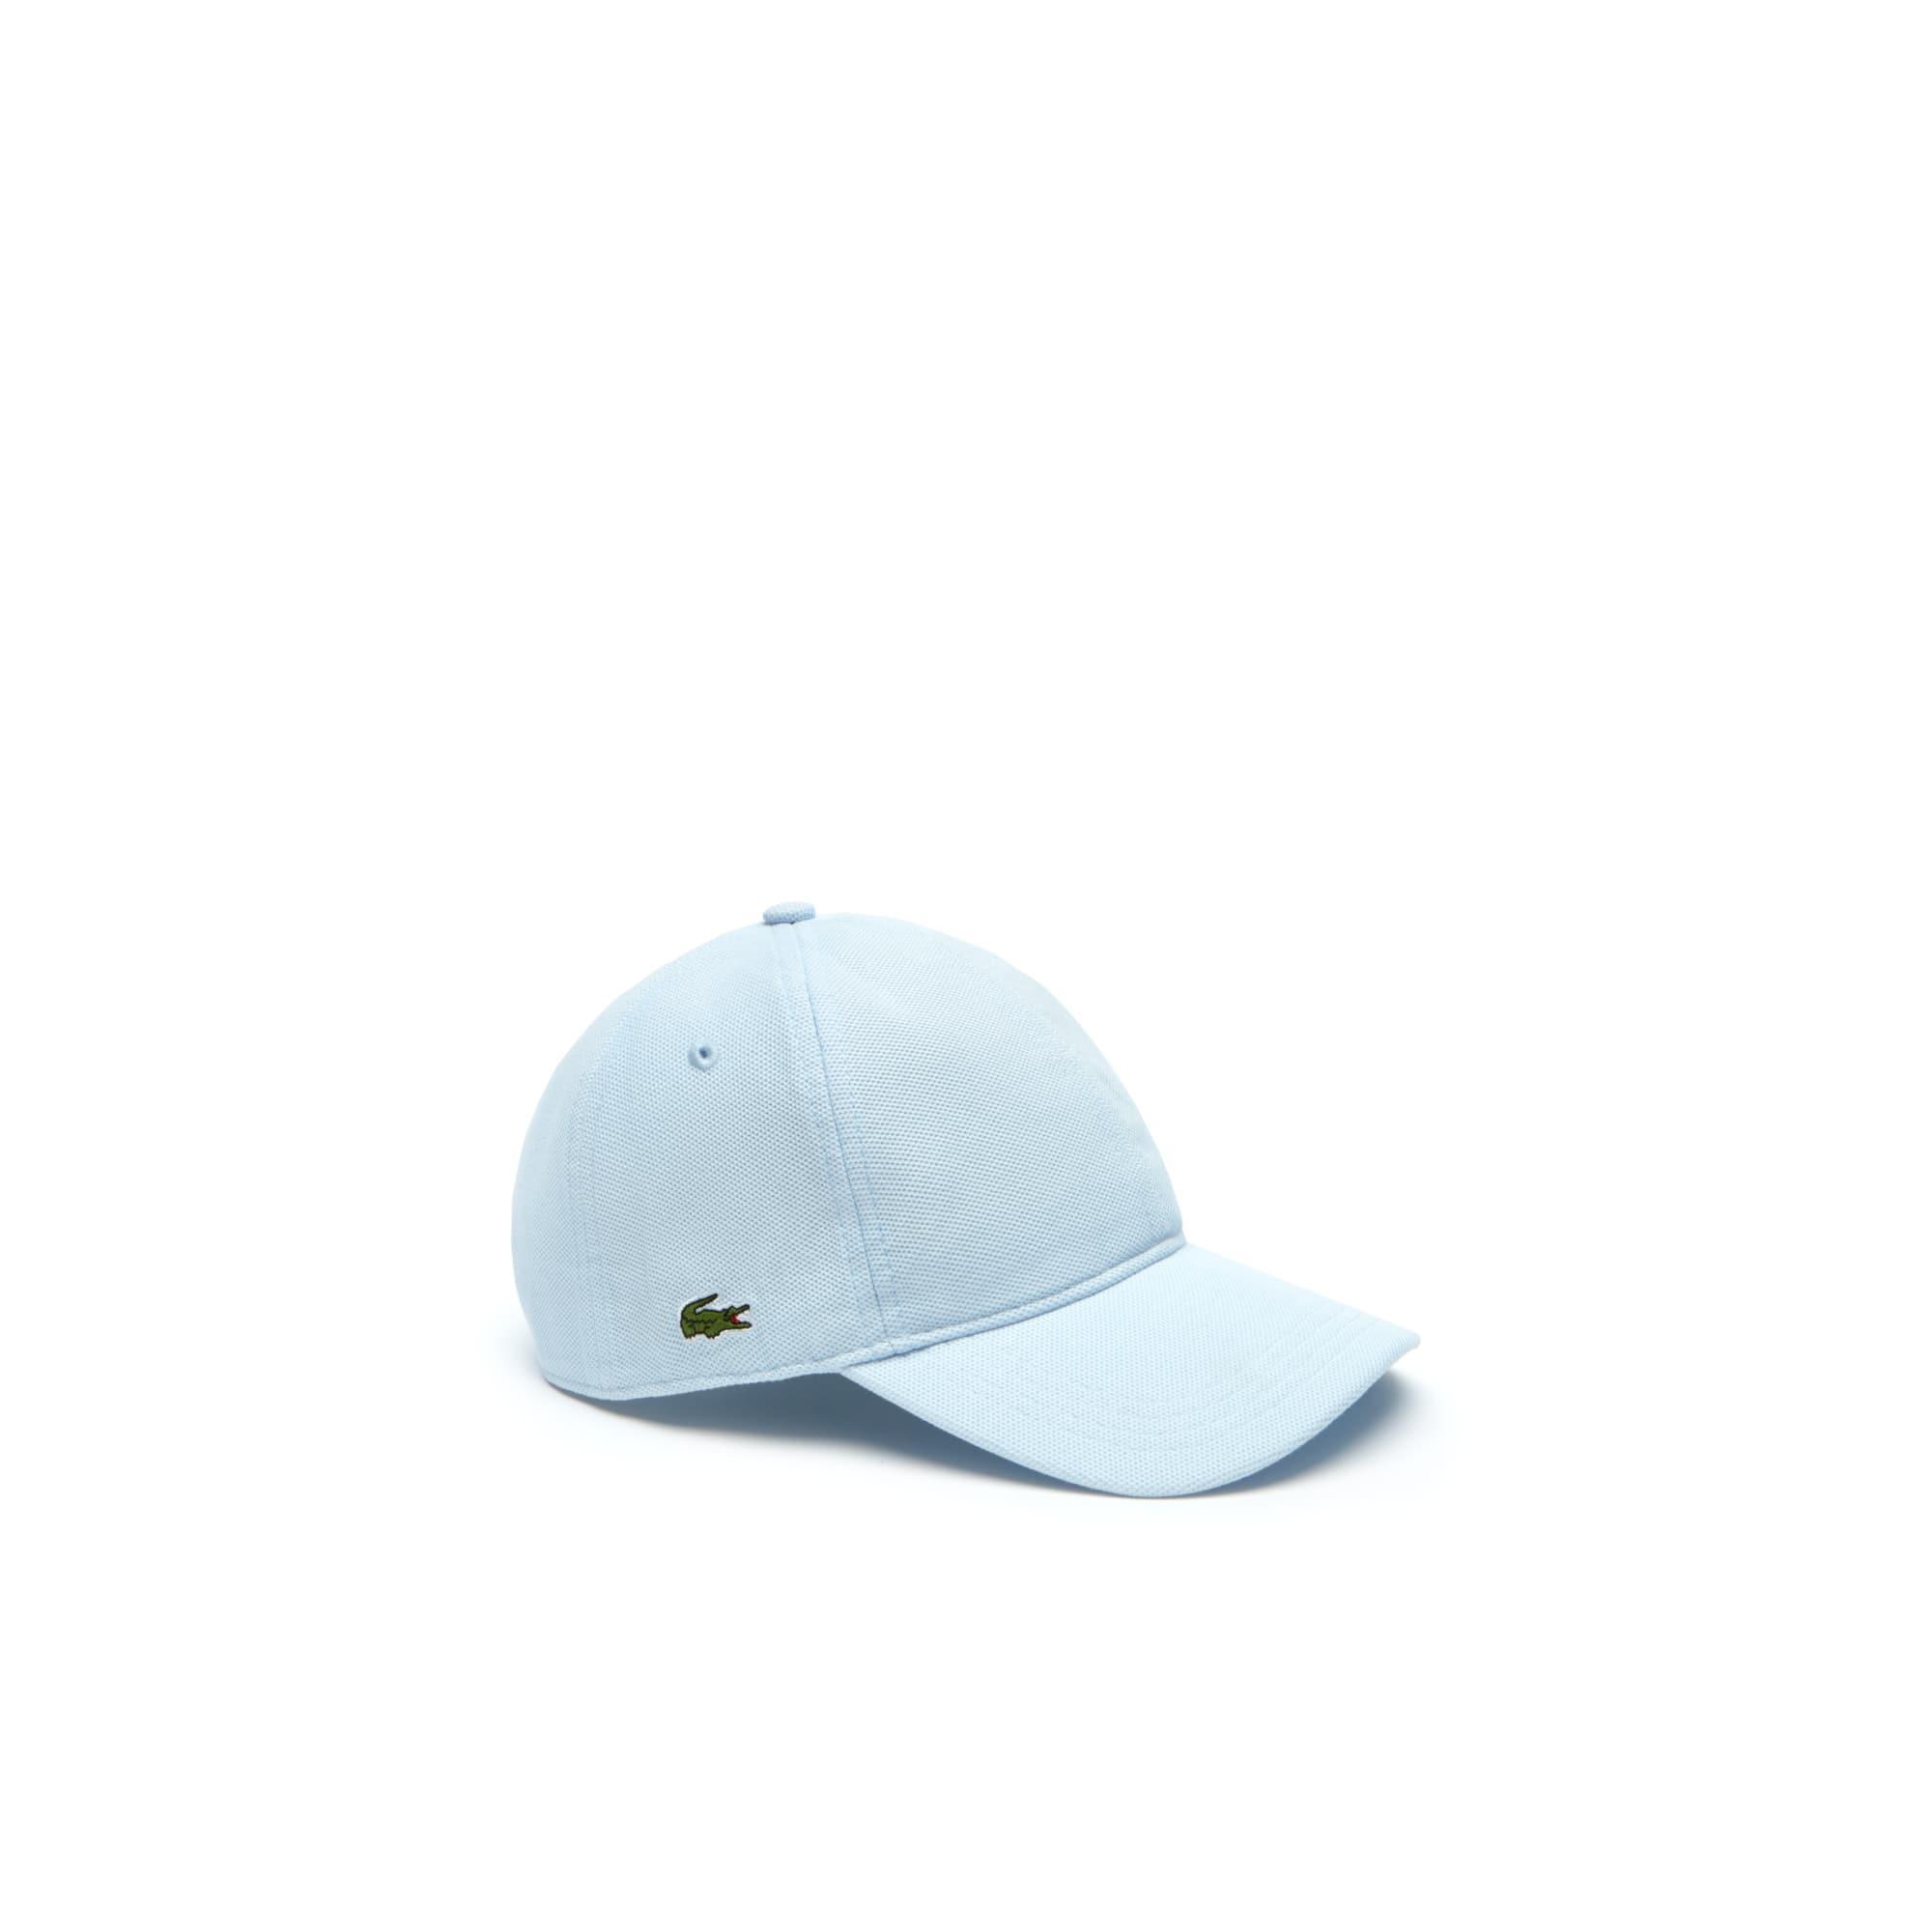 a34b346411 Lacoste Men's Cotton Piqué Cap : Light Blue